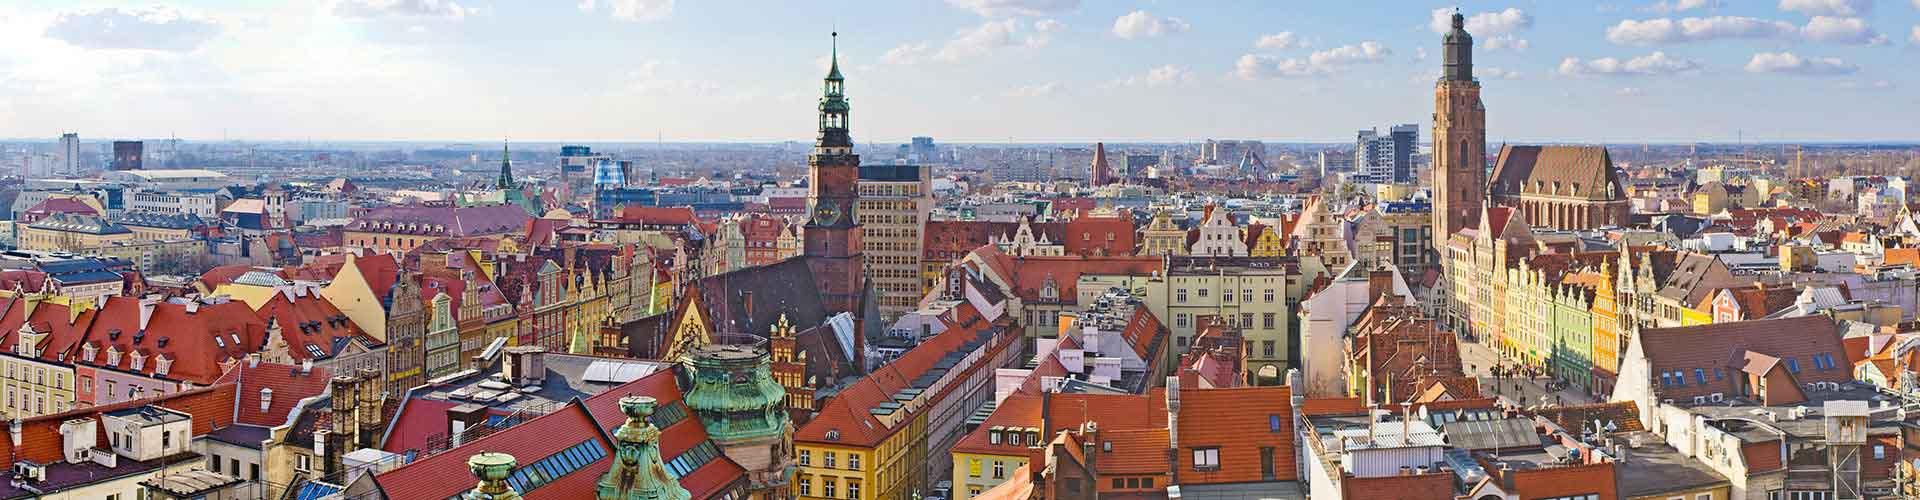 Wrocław - Schroniska Młodzieżowe w mieście Wrocław, Mapy dla miasta Wrocław, Zdjęcia i Recenzje dla każdego Schroniska Młodzieżowego w mieście Wrocław.